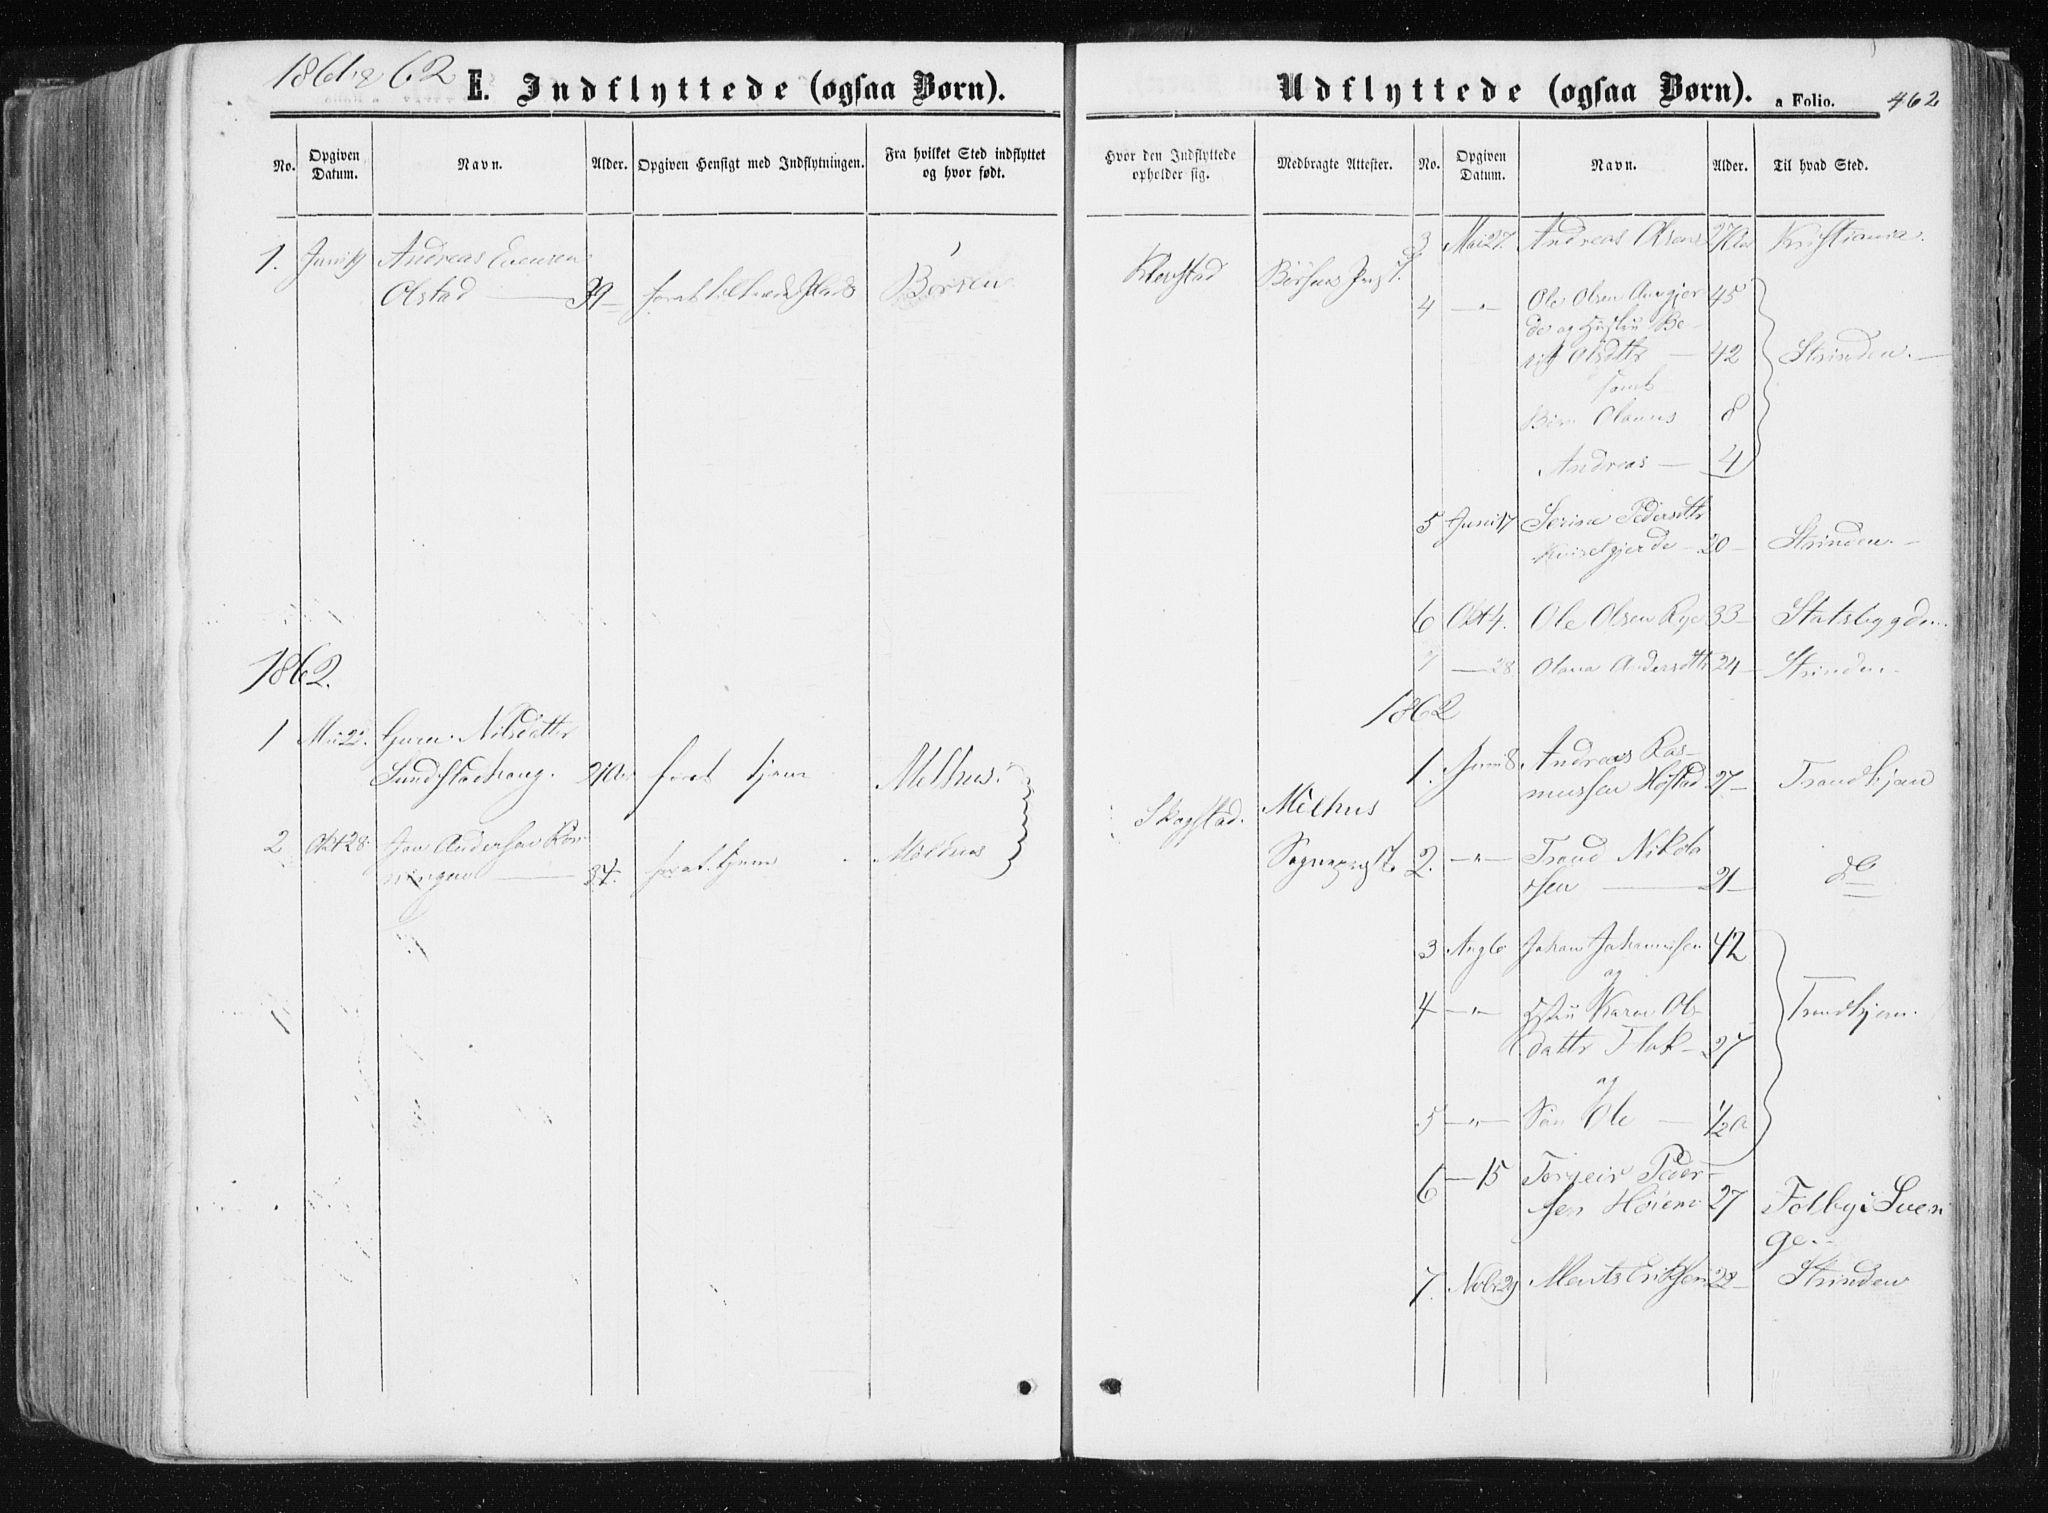 SAT, Ministerialprotokoller, klokkerbøker og fødselsregistre - Sør-Trøndelag, 612/L0377: Ministerialbok nr. 612A09, 1859-1877, s. 462